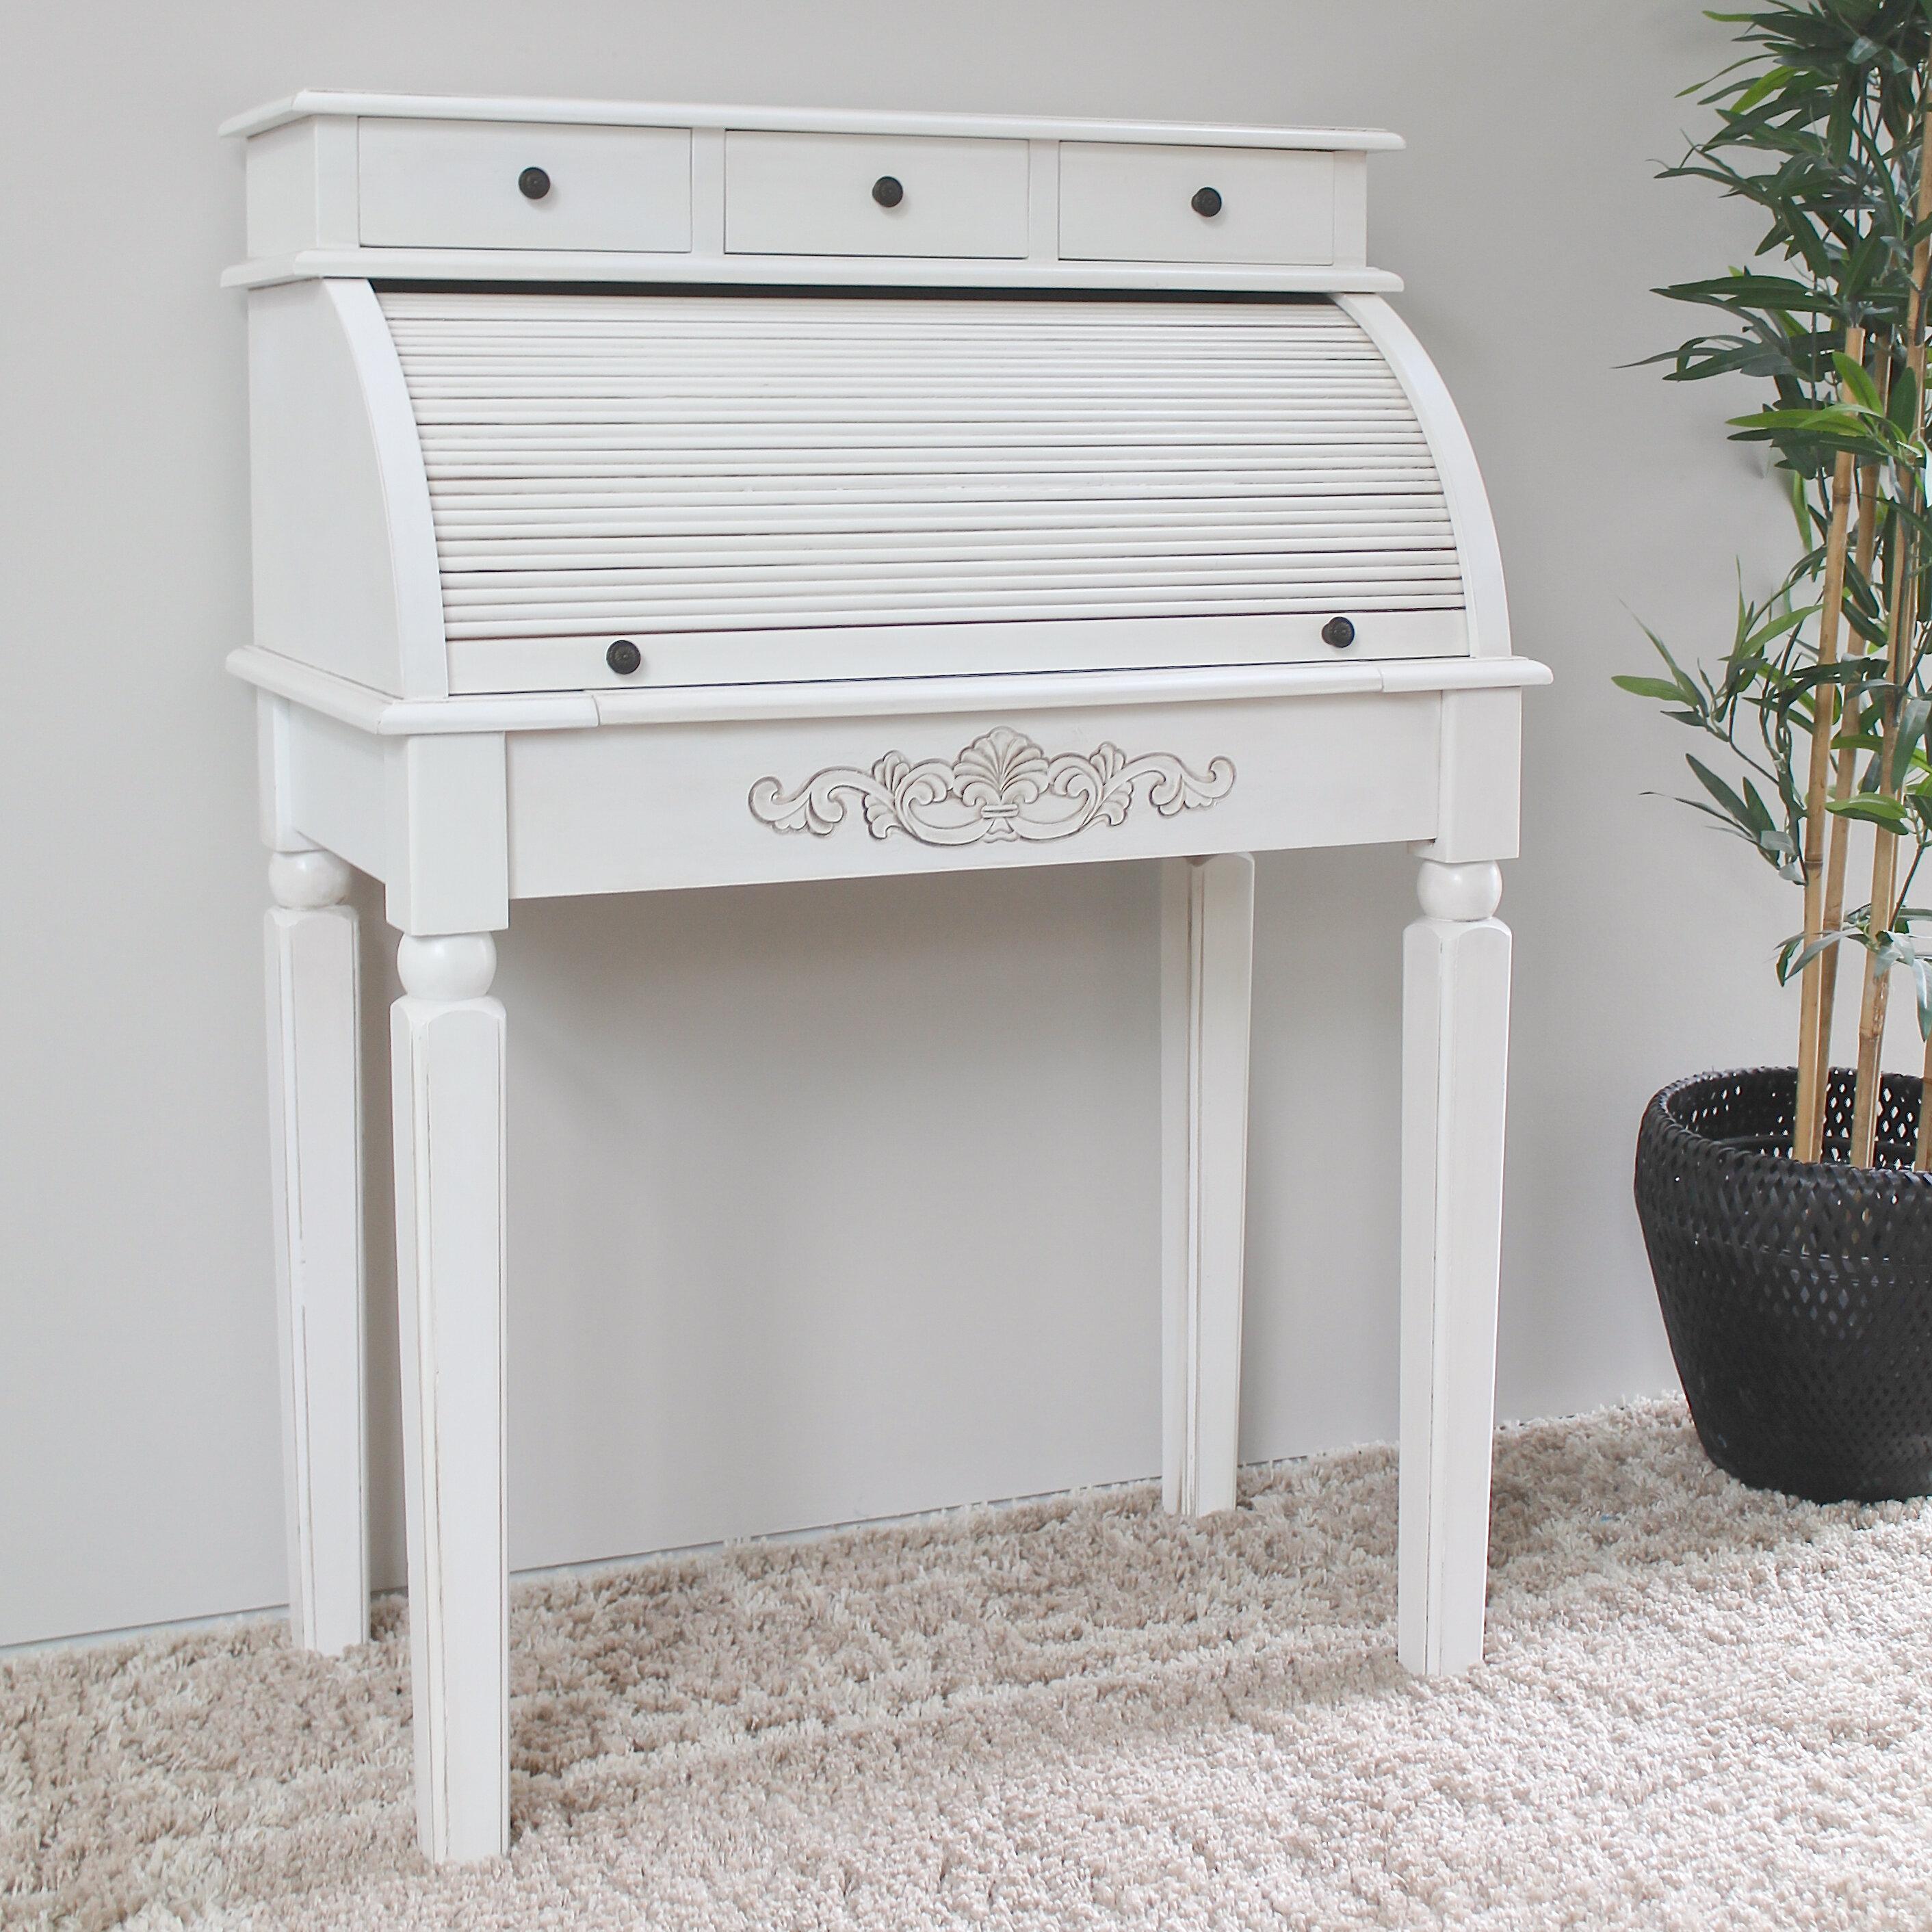 armoire file taire met en furniture drop secretary wiki front secr